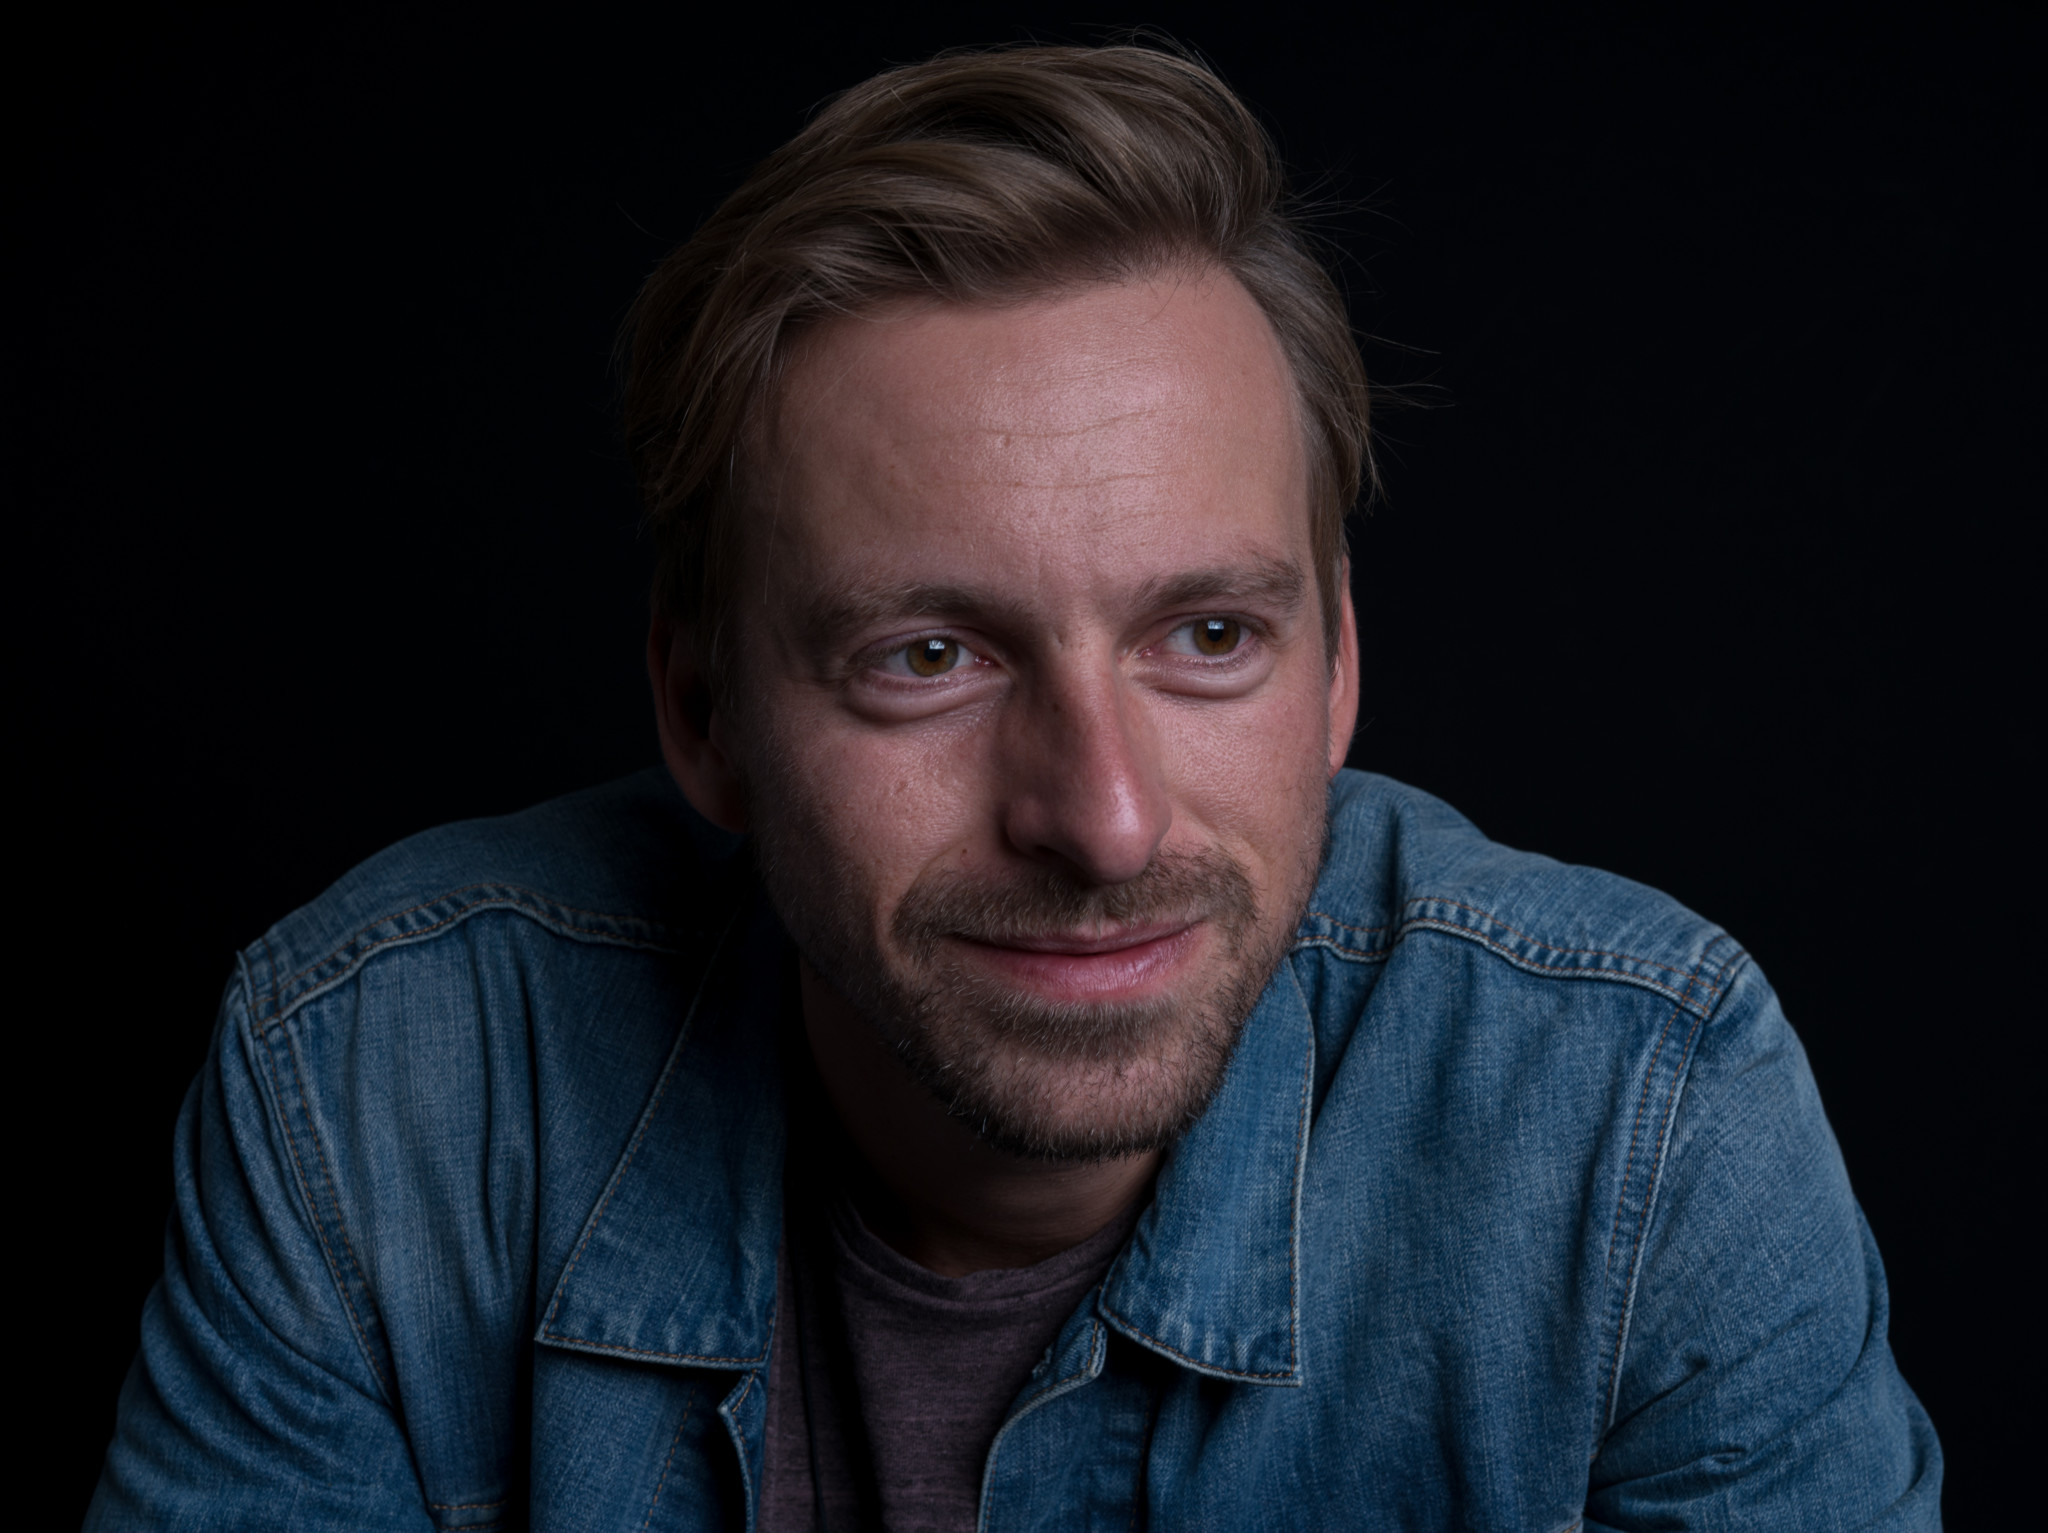 Ben Blaskovic